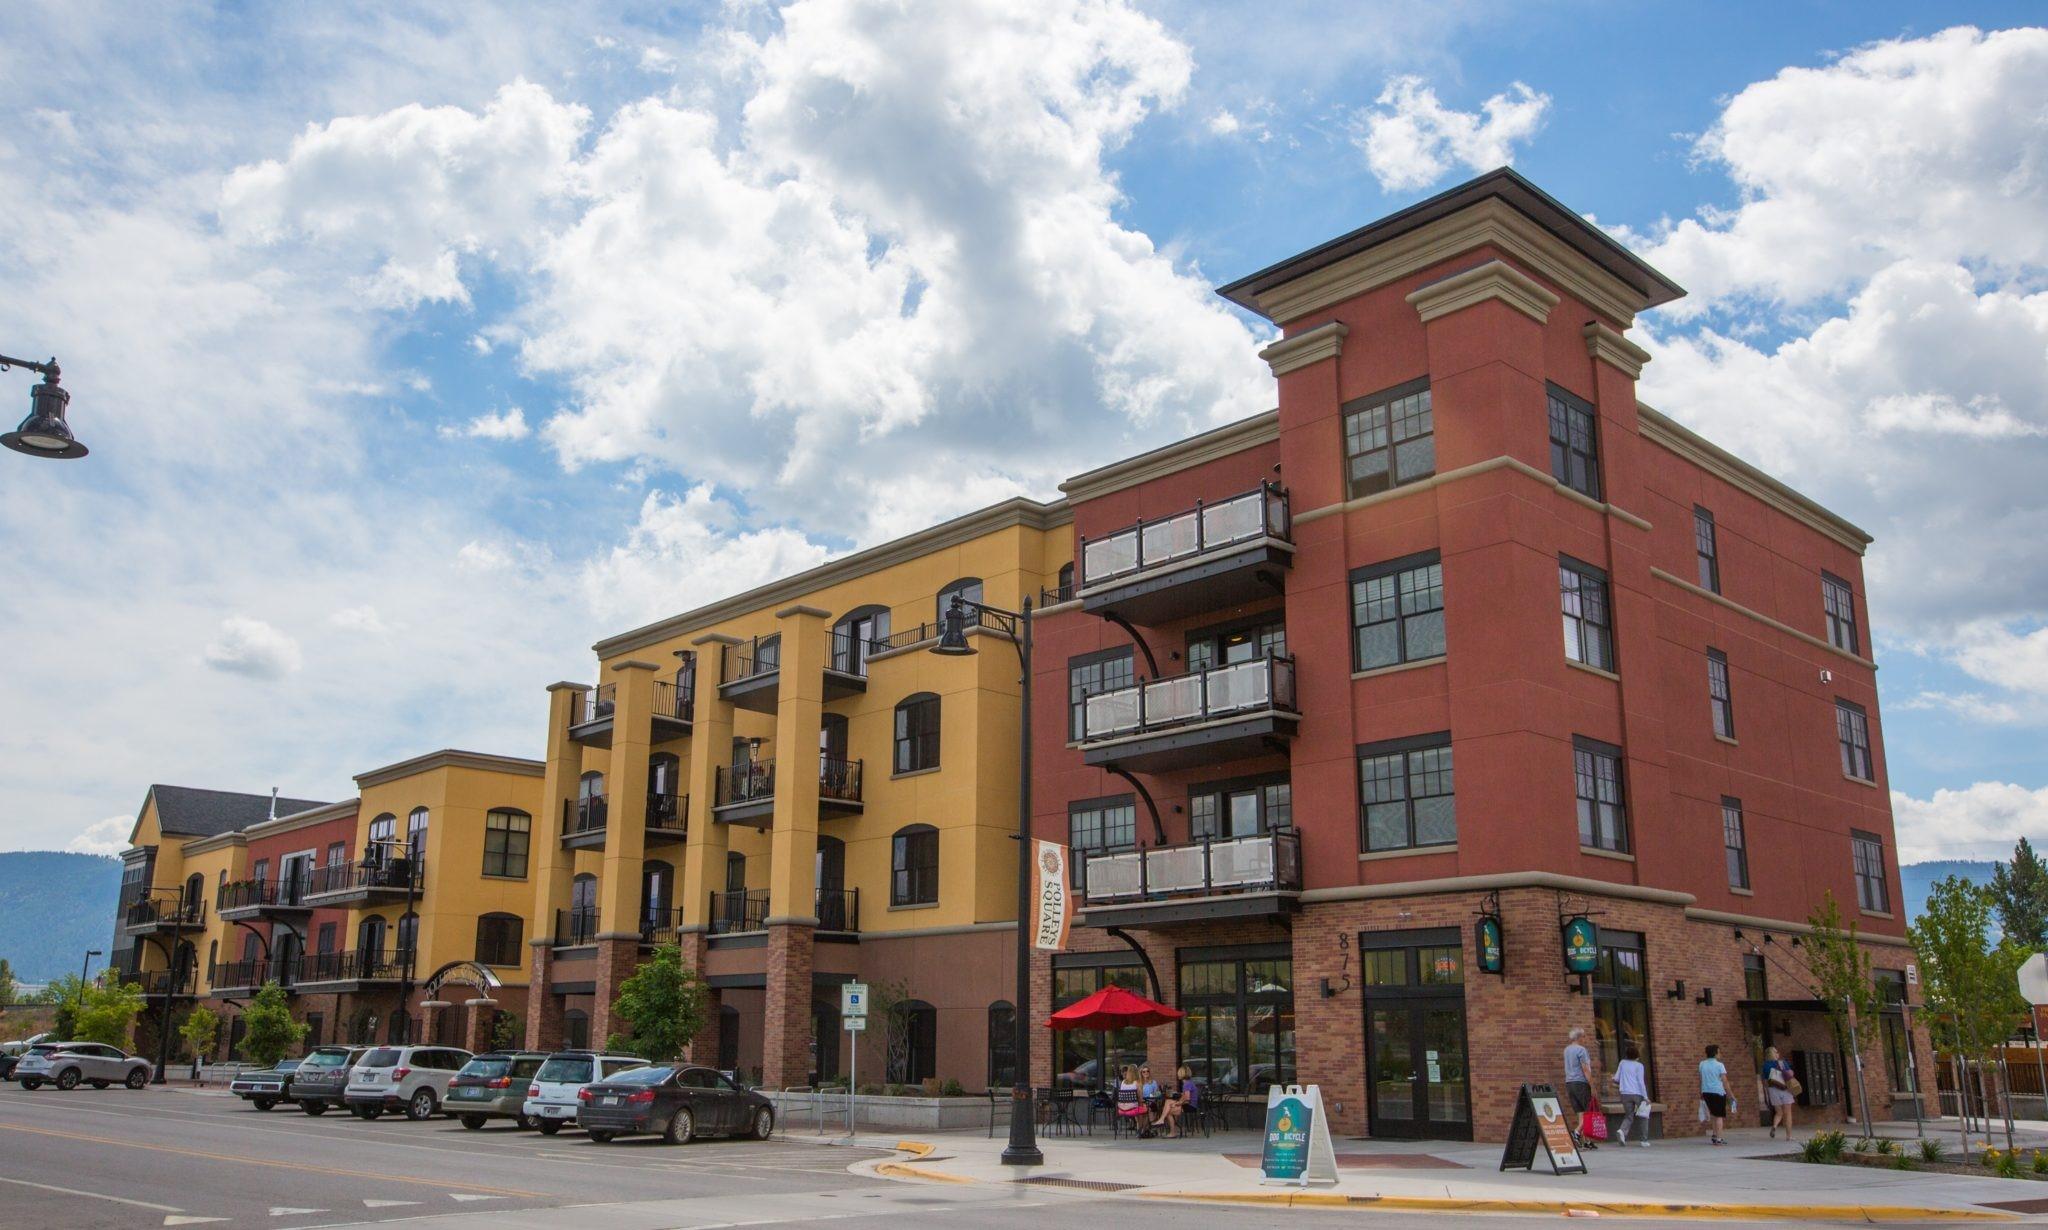 Polleys Square A Condominium Building